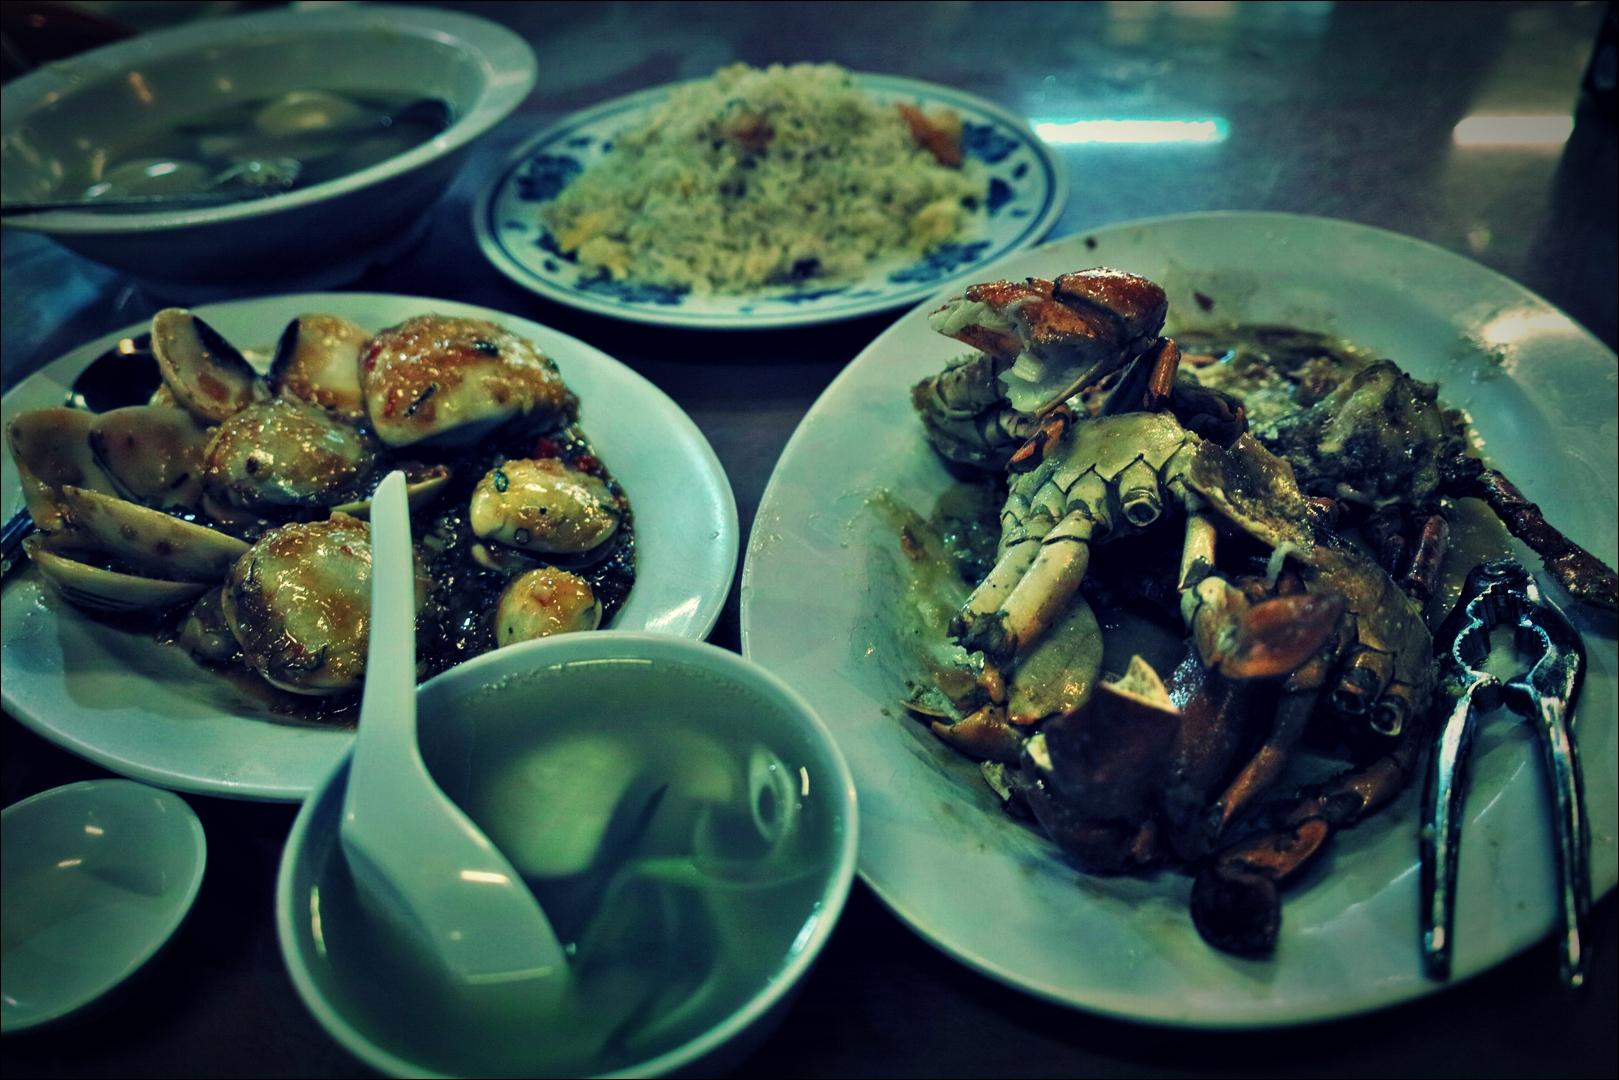 게, 칠리 조개, 조개탕 -'코타키나발루 웰컴 시푸드 레스토랑 Welcome Seafood Restaurant Kota Kinabalu'